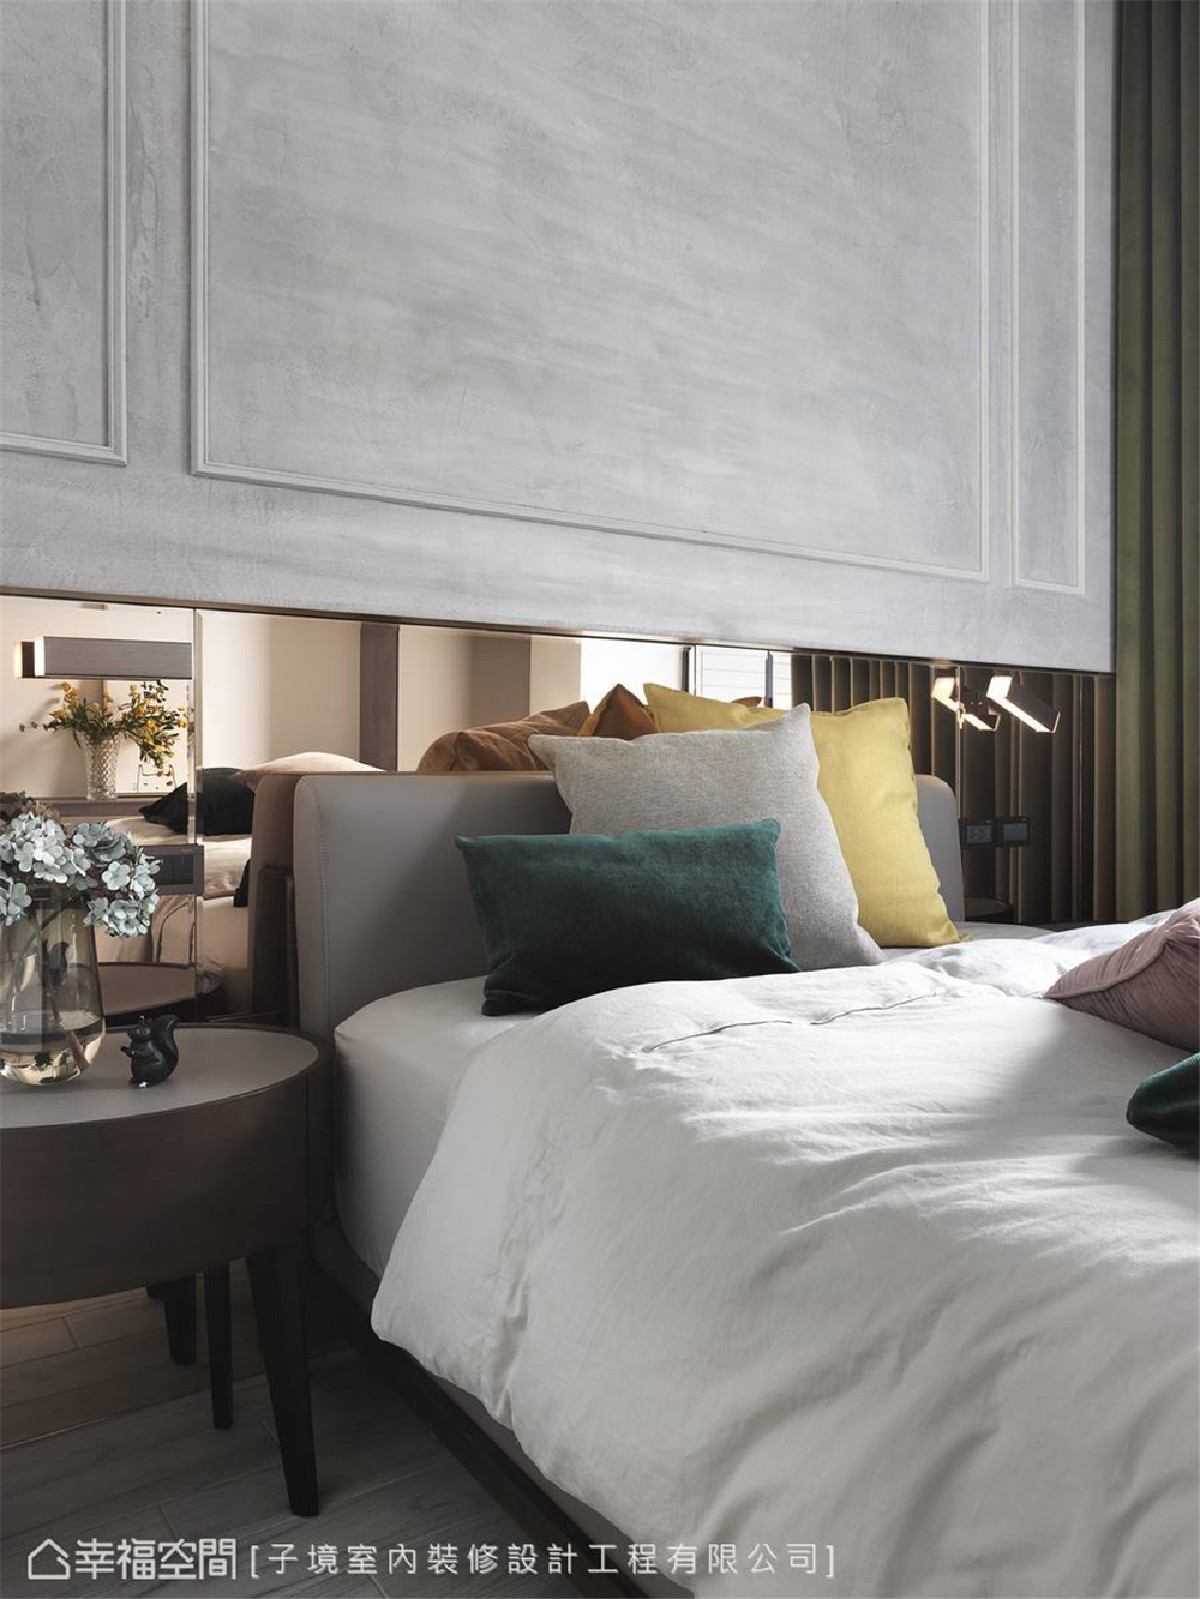 对比美感 床头使用仿旧质感的古典线板搭配亮洁镜面,反衬出古今交织的对比美感。